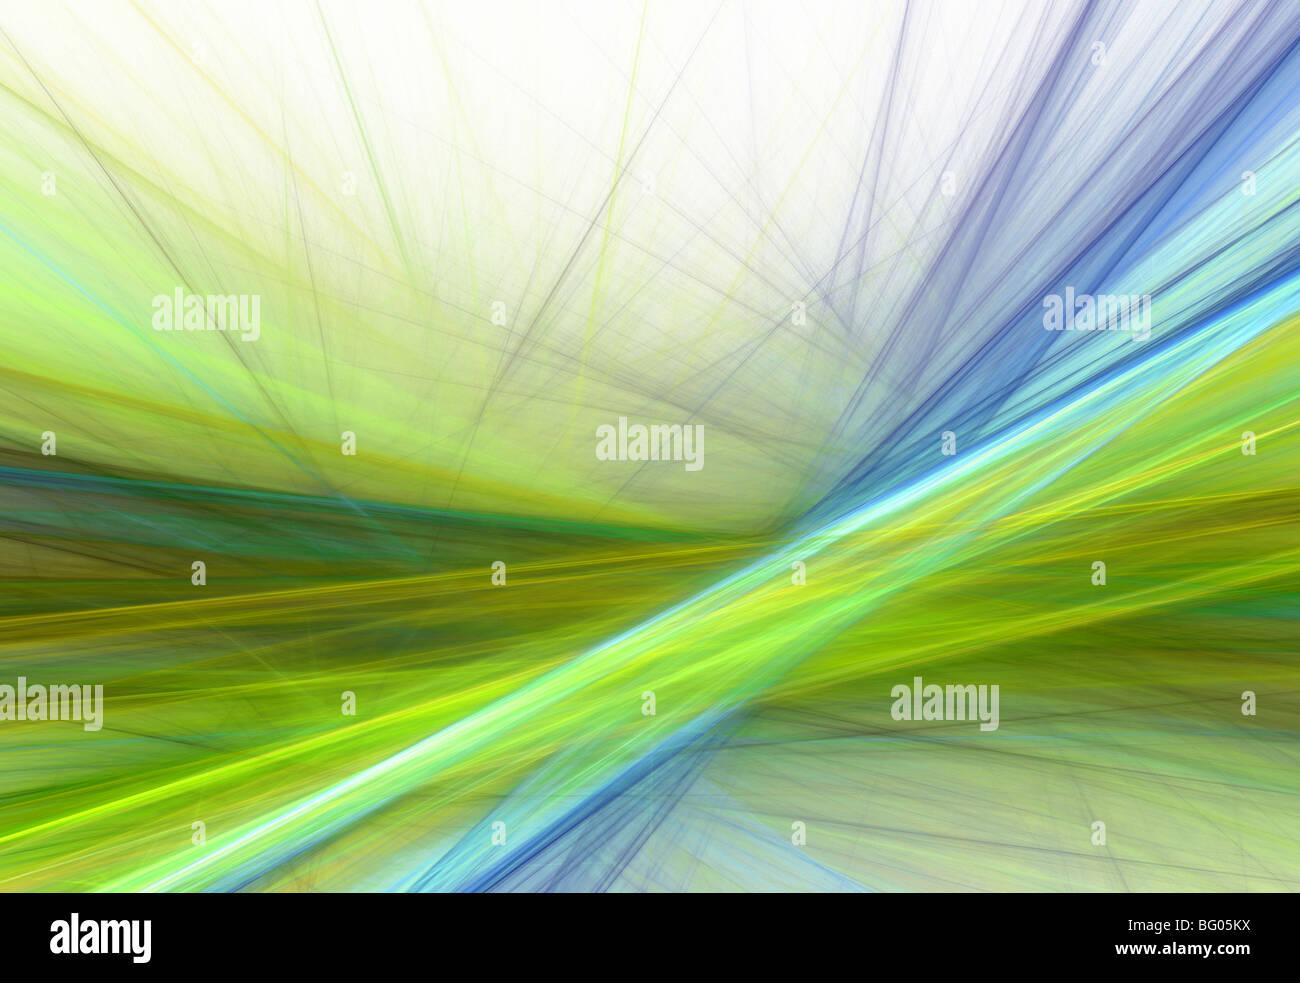 Abstrakte Fraktal Linien Tapete Abbildung Stockbild